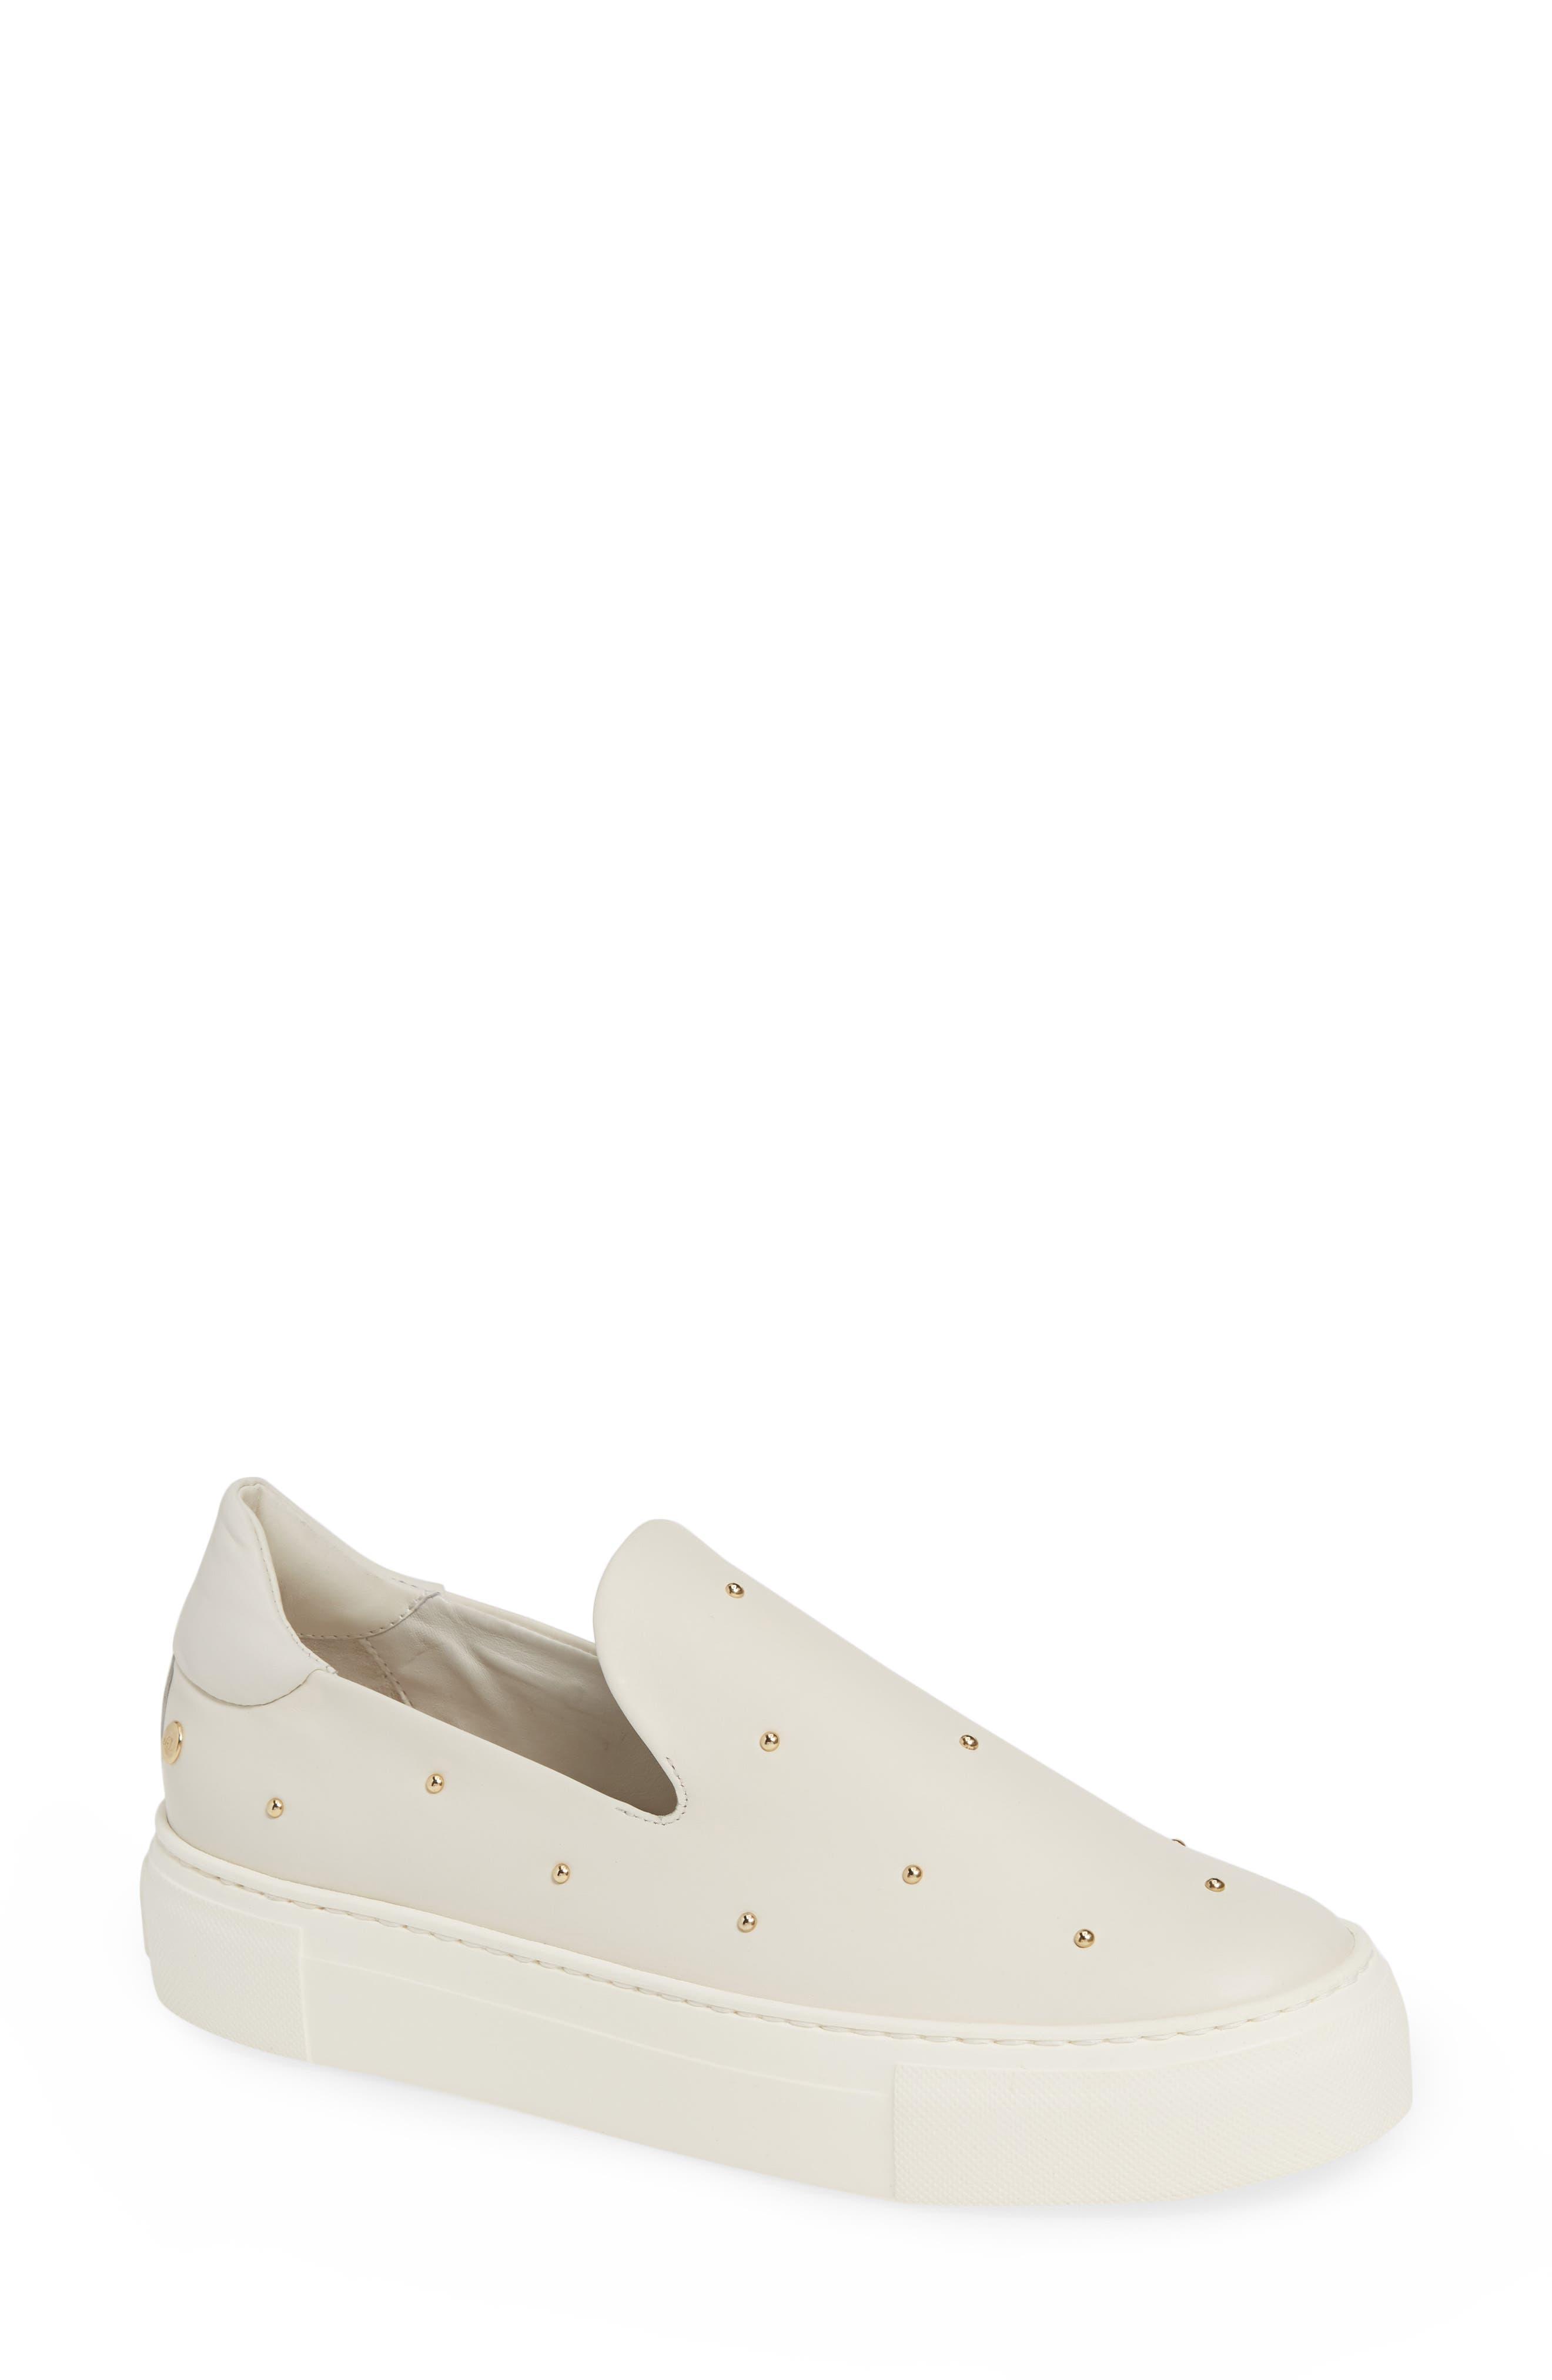 Agl Studded Slip-On Sneaker, White